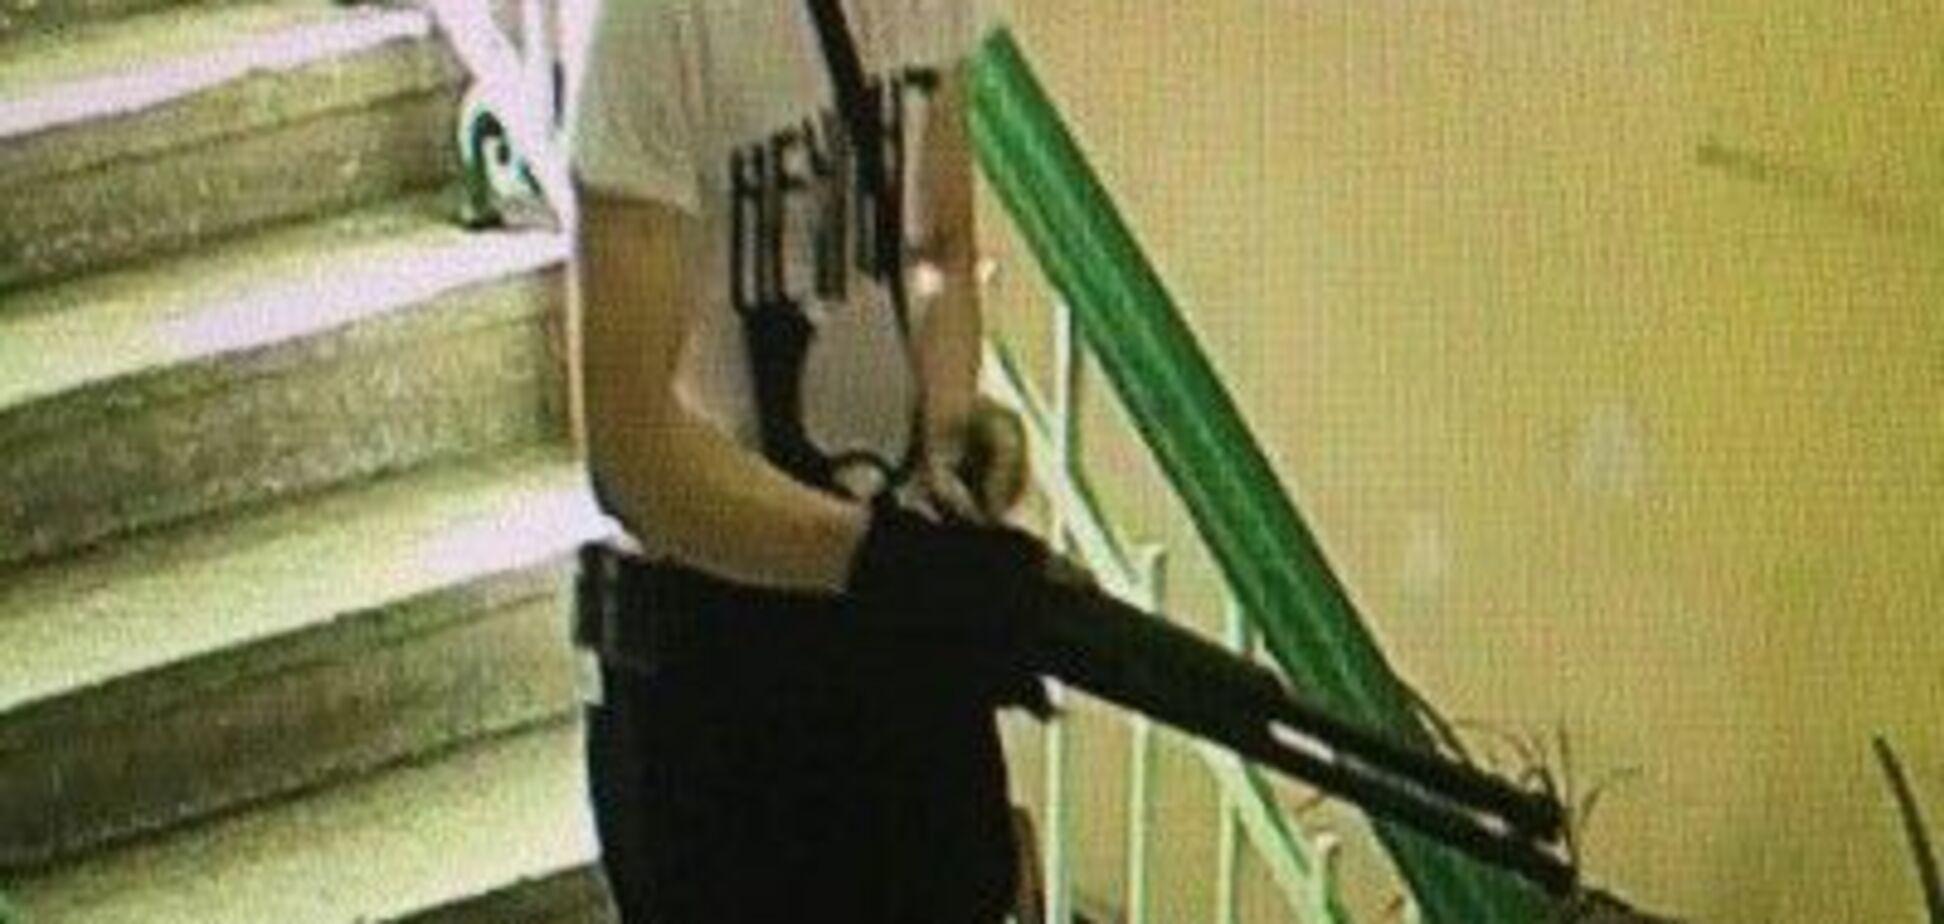 Бабушка керченского стрелка сообщила о его странном поведении перед бойней в колледже